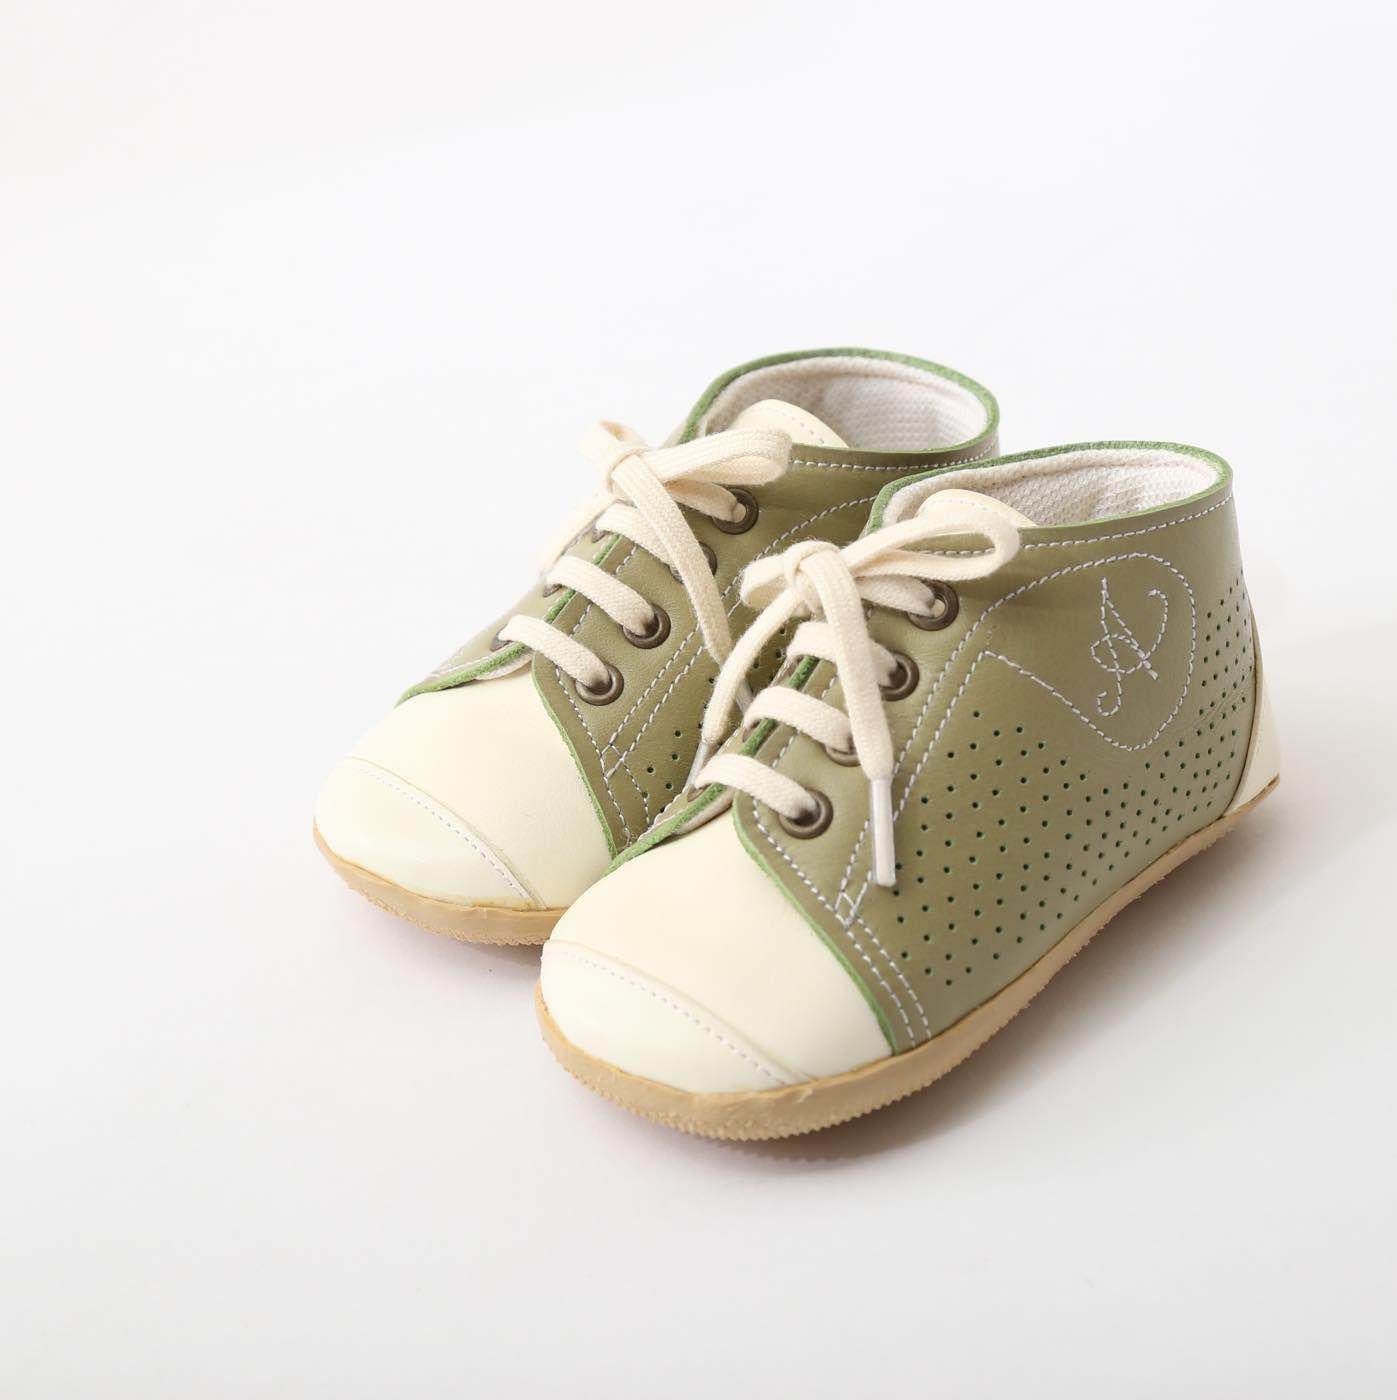 ベビーシューズ オリーブ グリーン Baby Shoes olive green